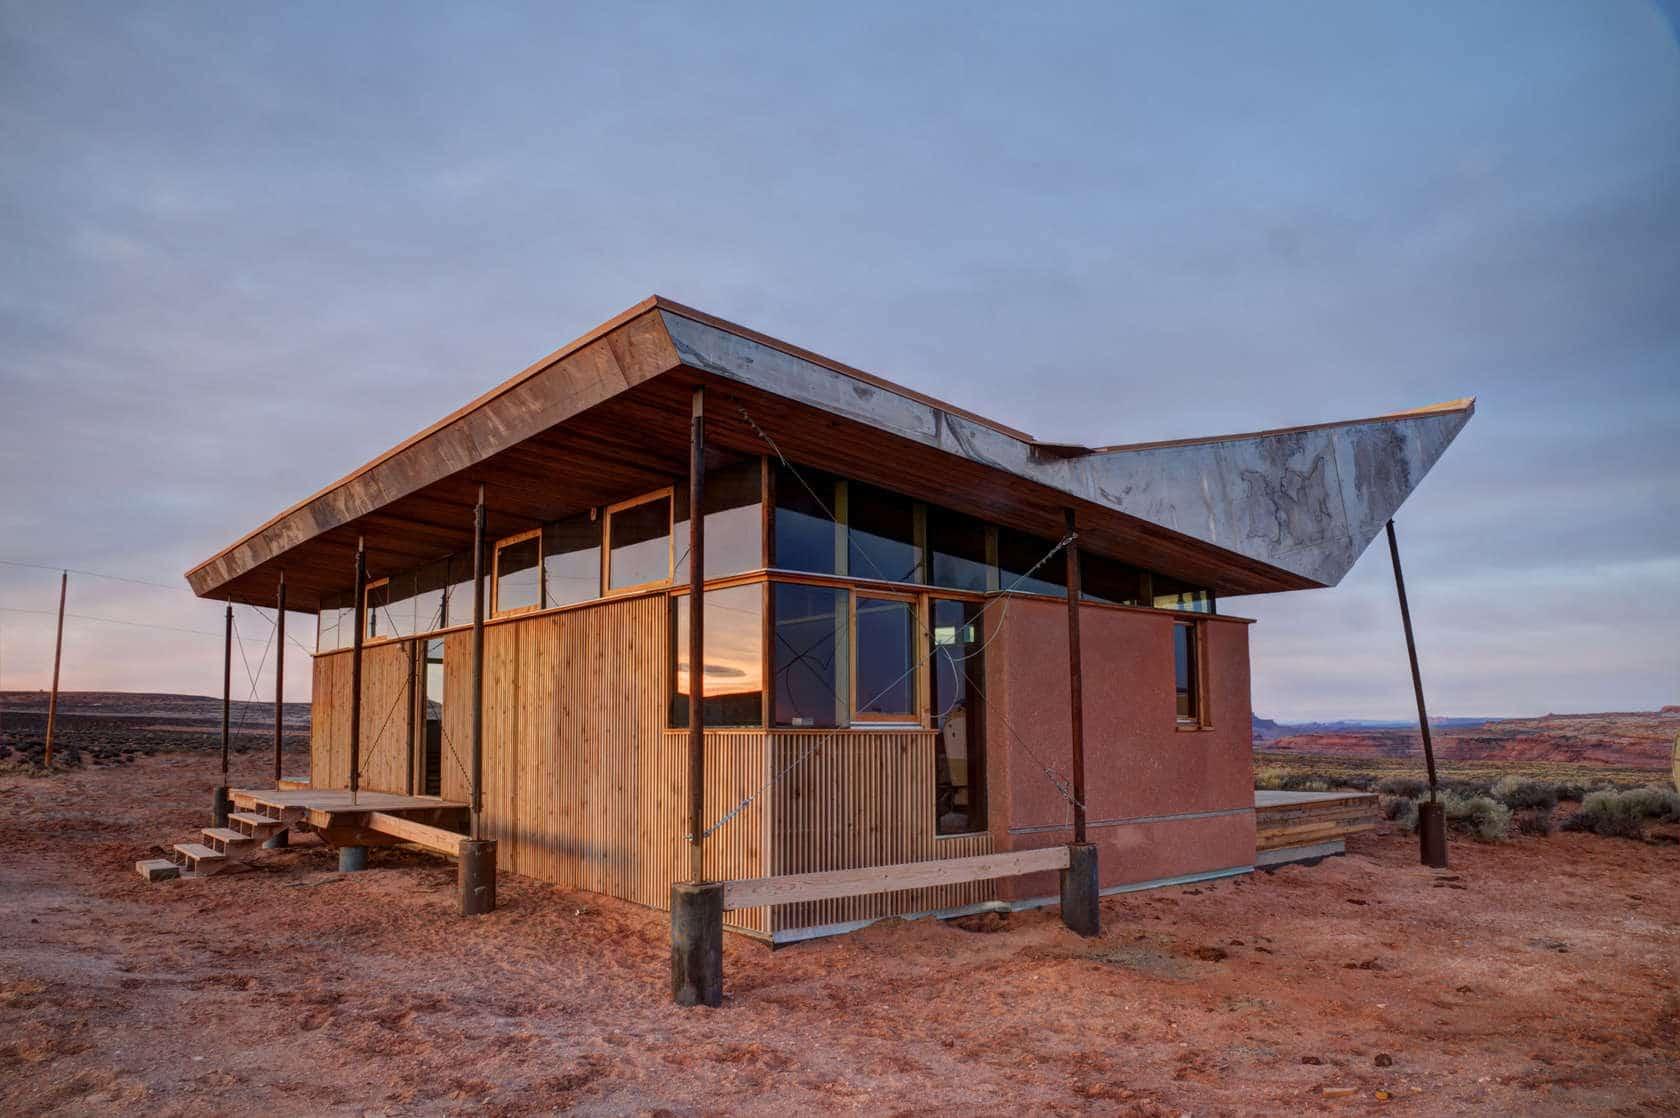 Proyecto de peque a casa de arcilla y madera construye hogar - Casa pequena de madera ...